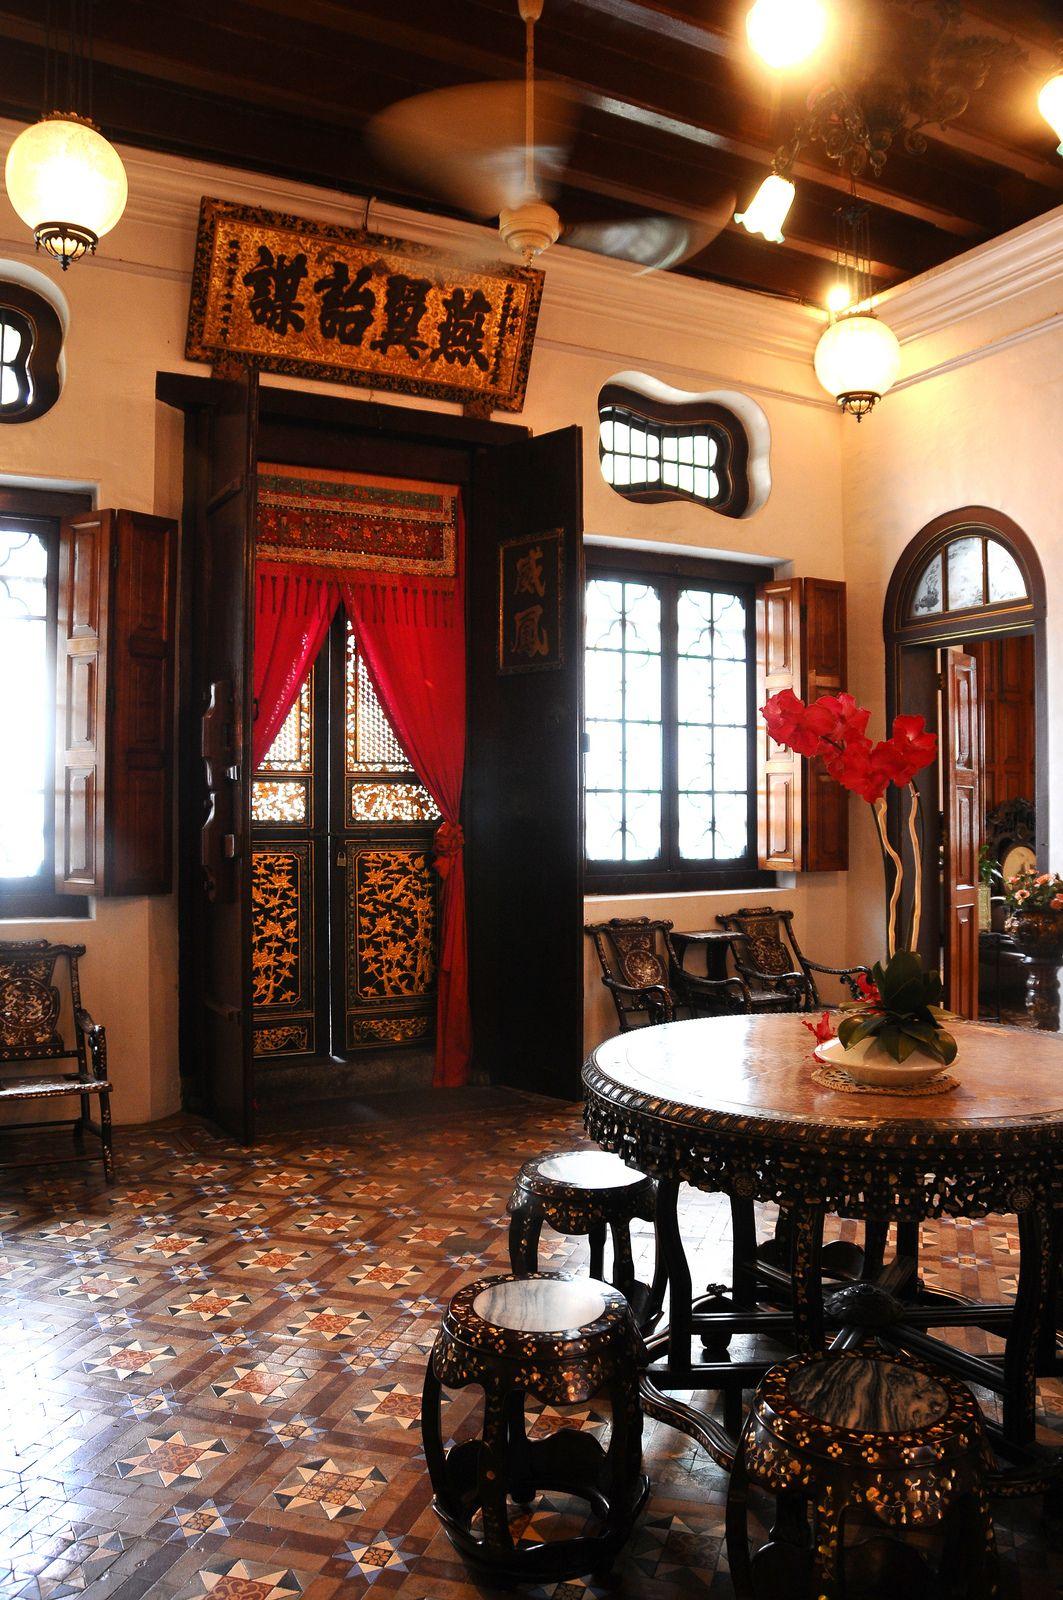 Pinang Peranakan Mansion Asian Home Decor Chinese Tea House